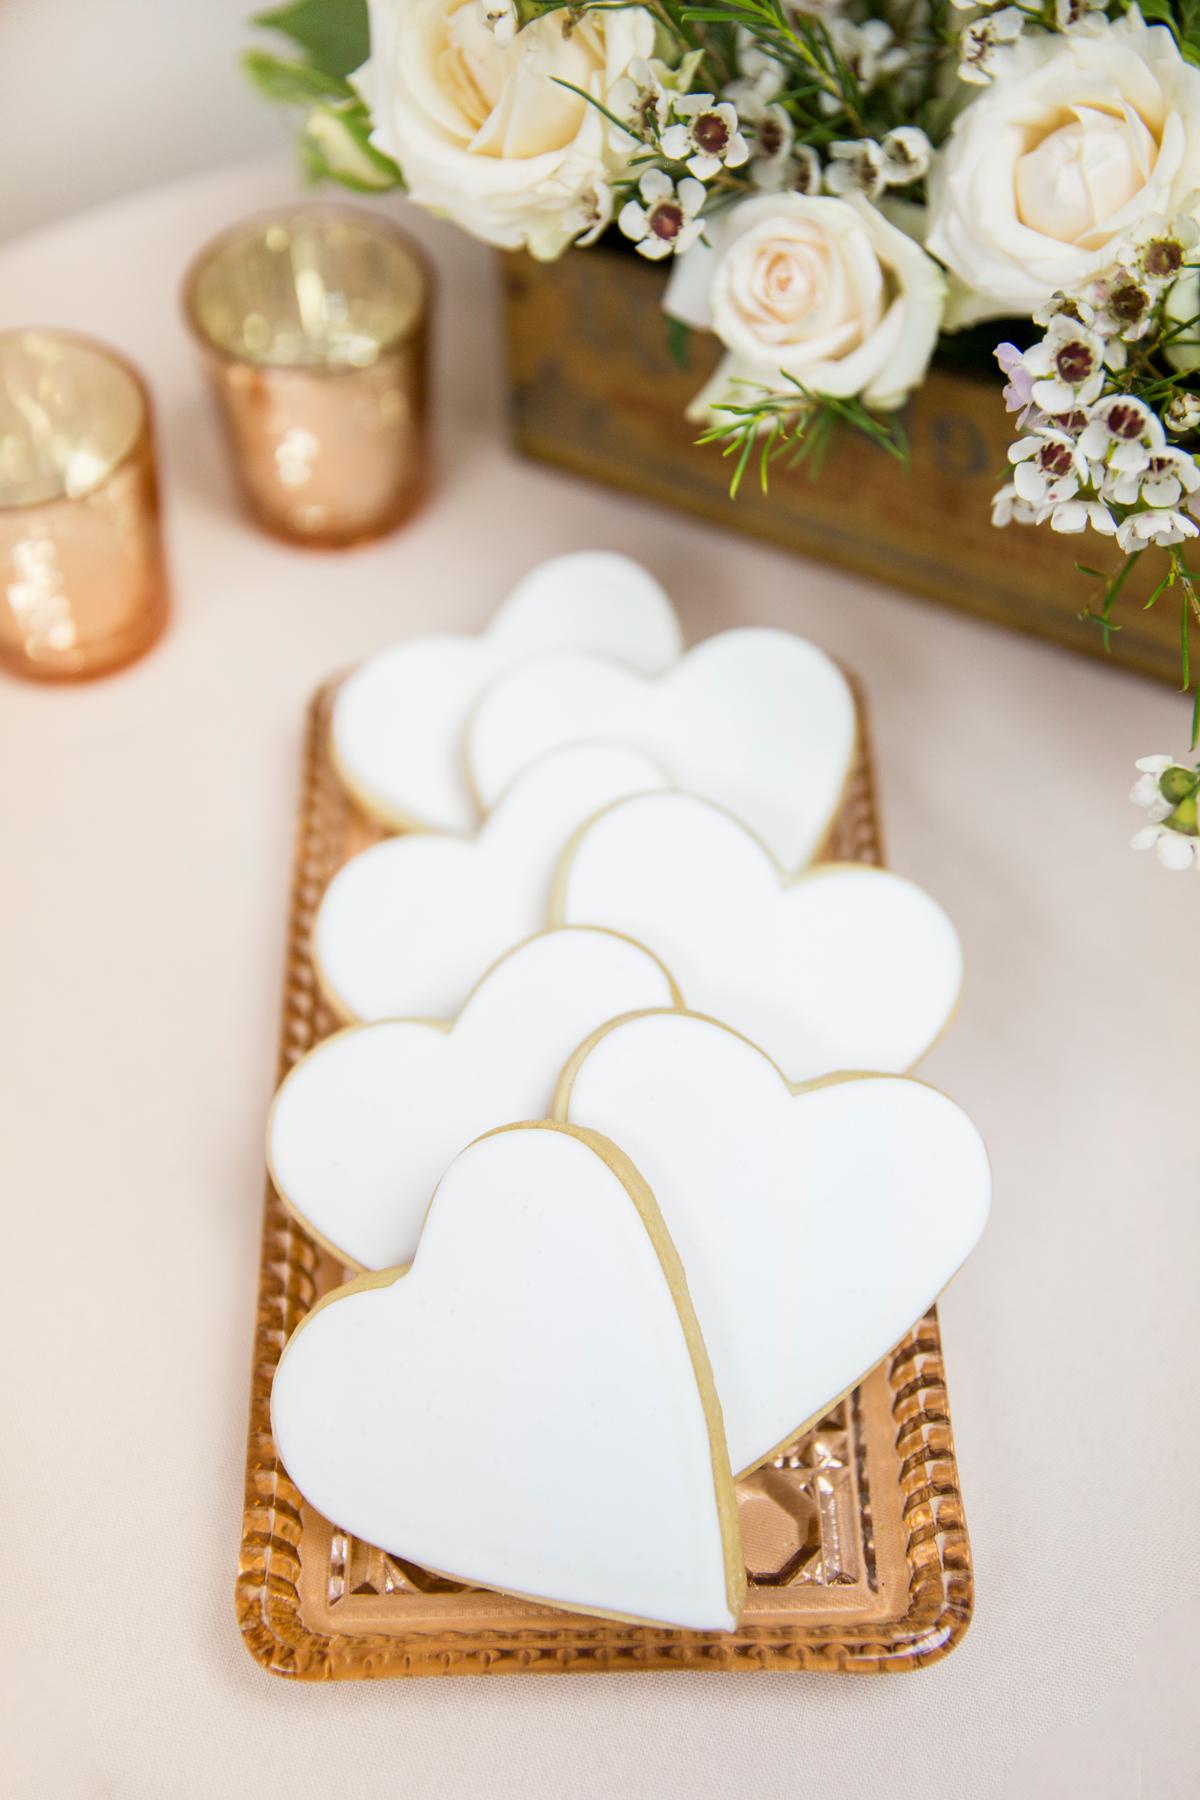 Farina Baking White Heart Cookies